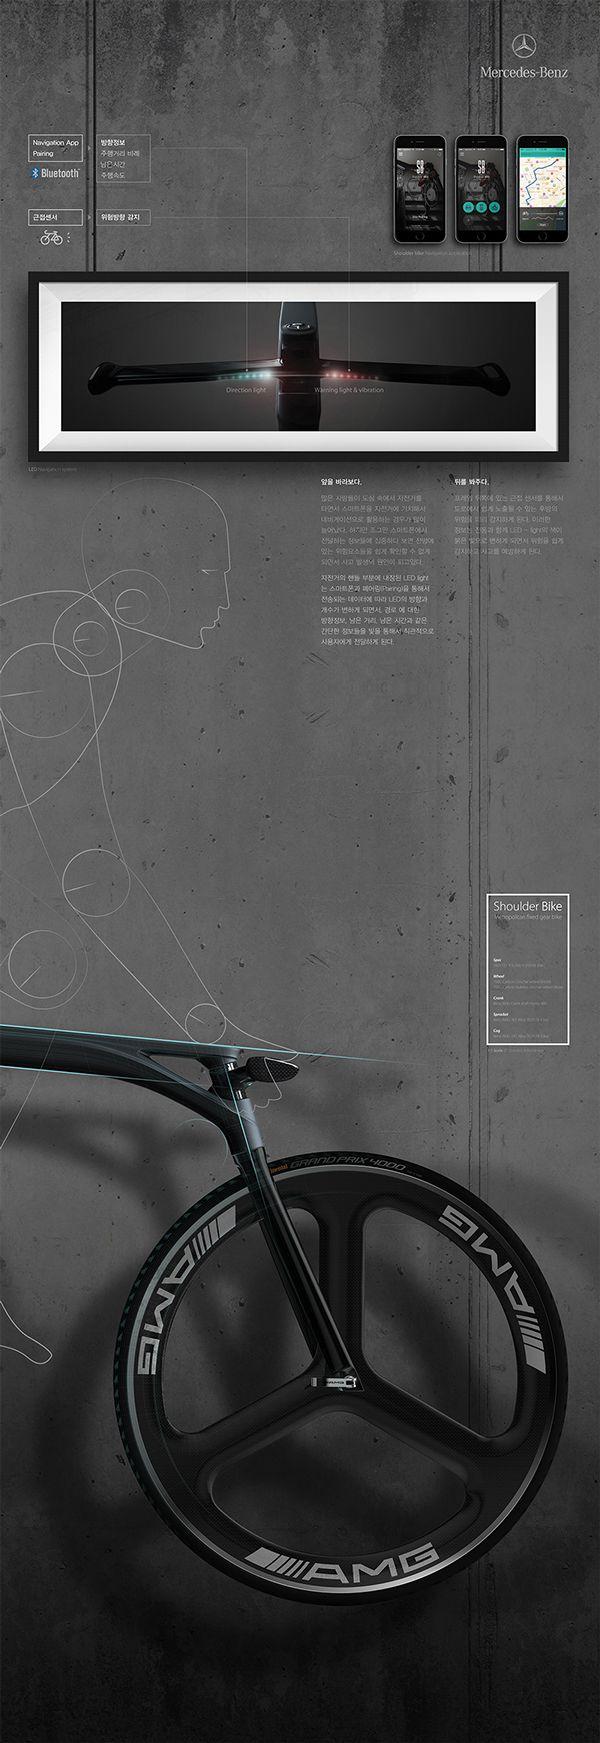 Shoulder Bike_Ver.2 on Industrial Design Served